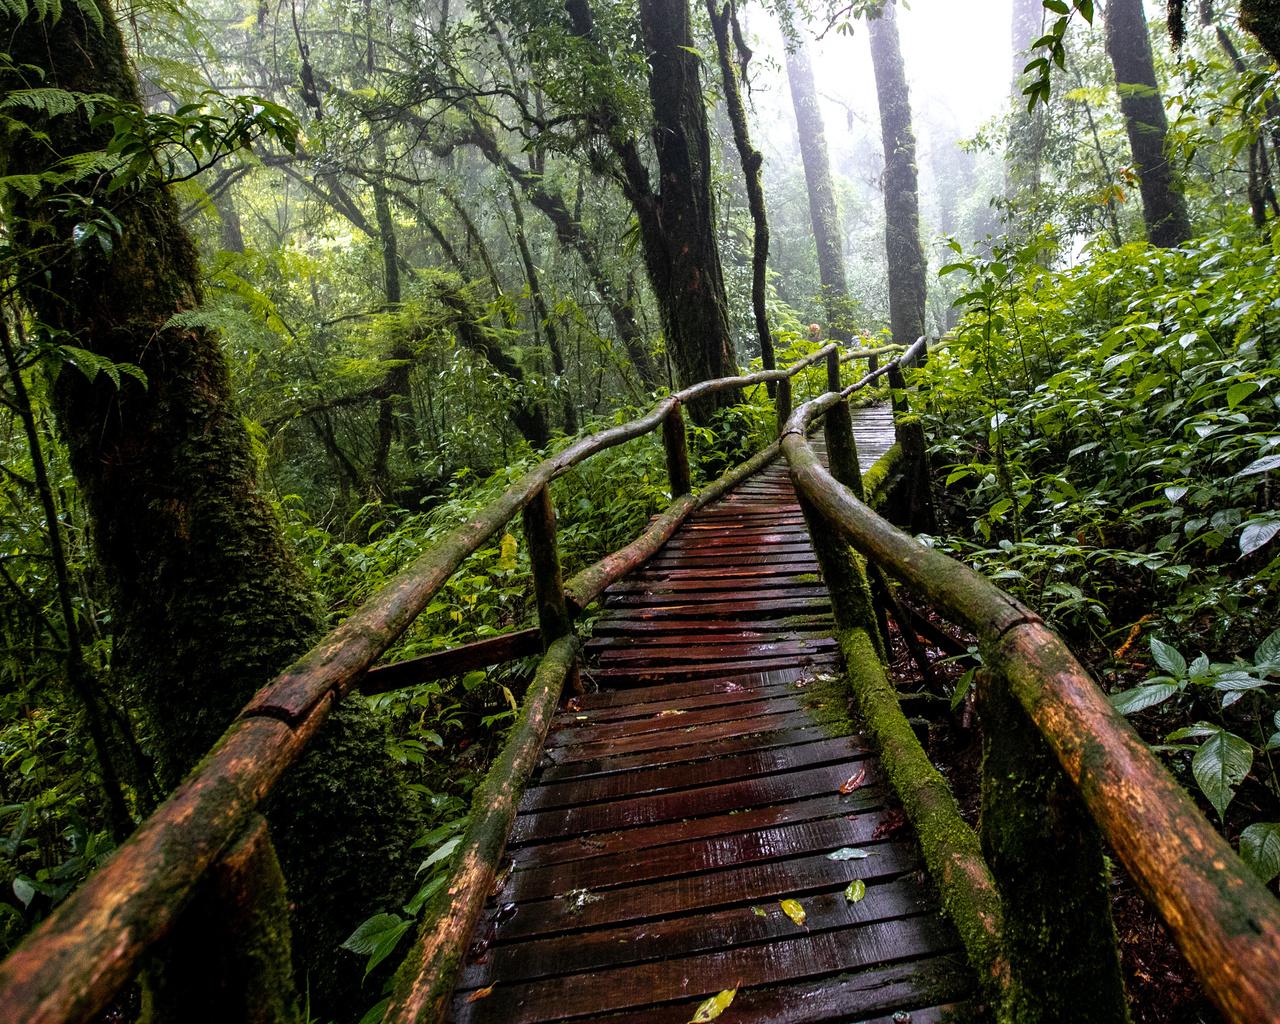 природа, лес, деревья, дорожка, дождь